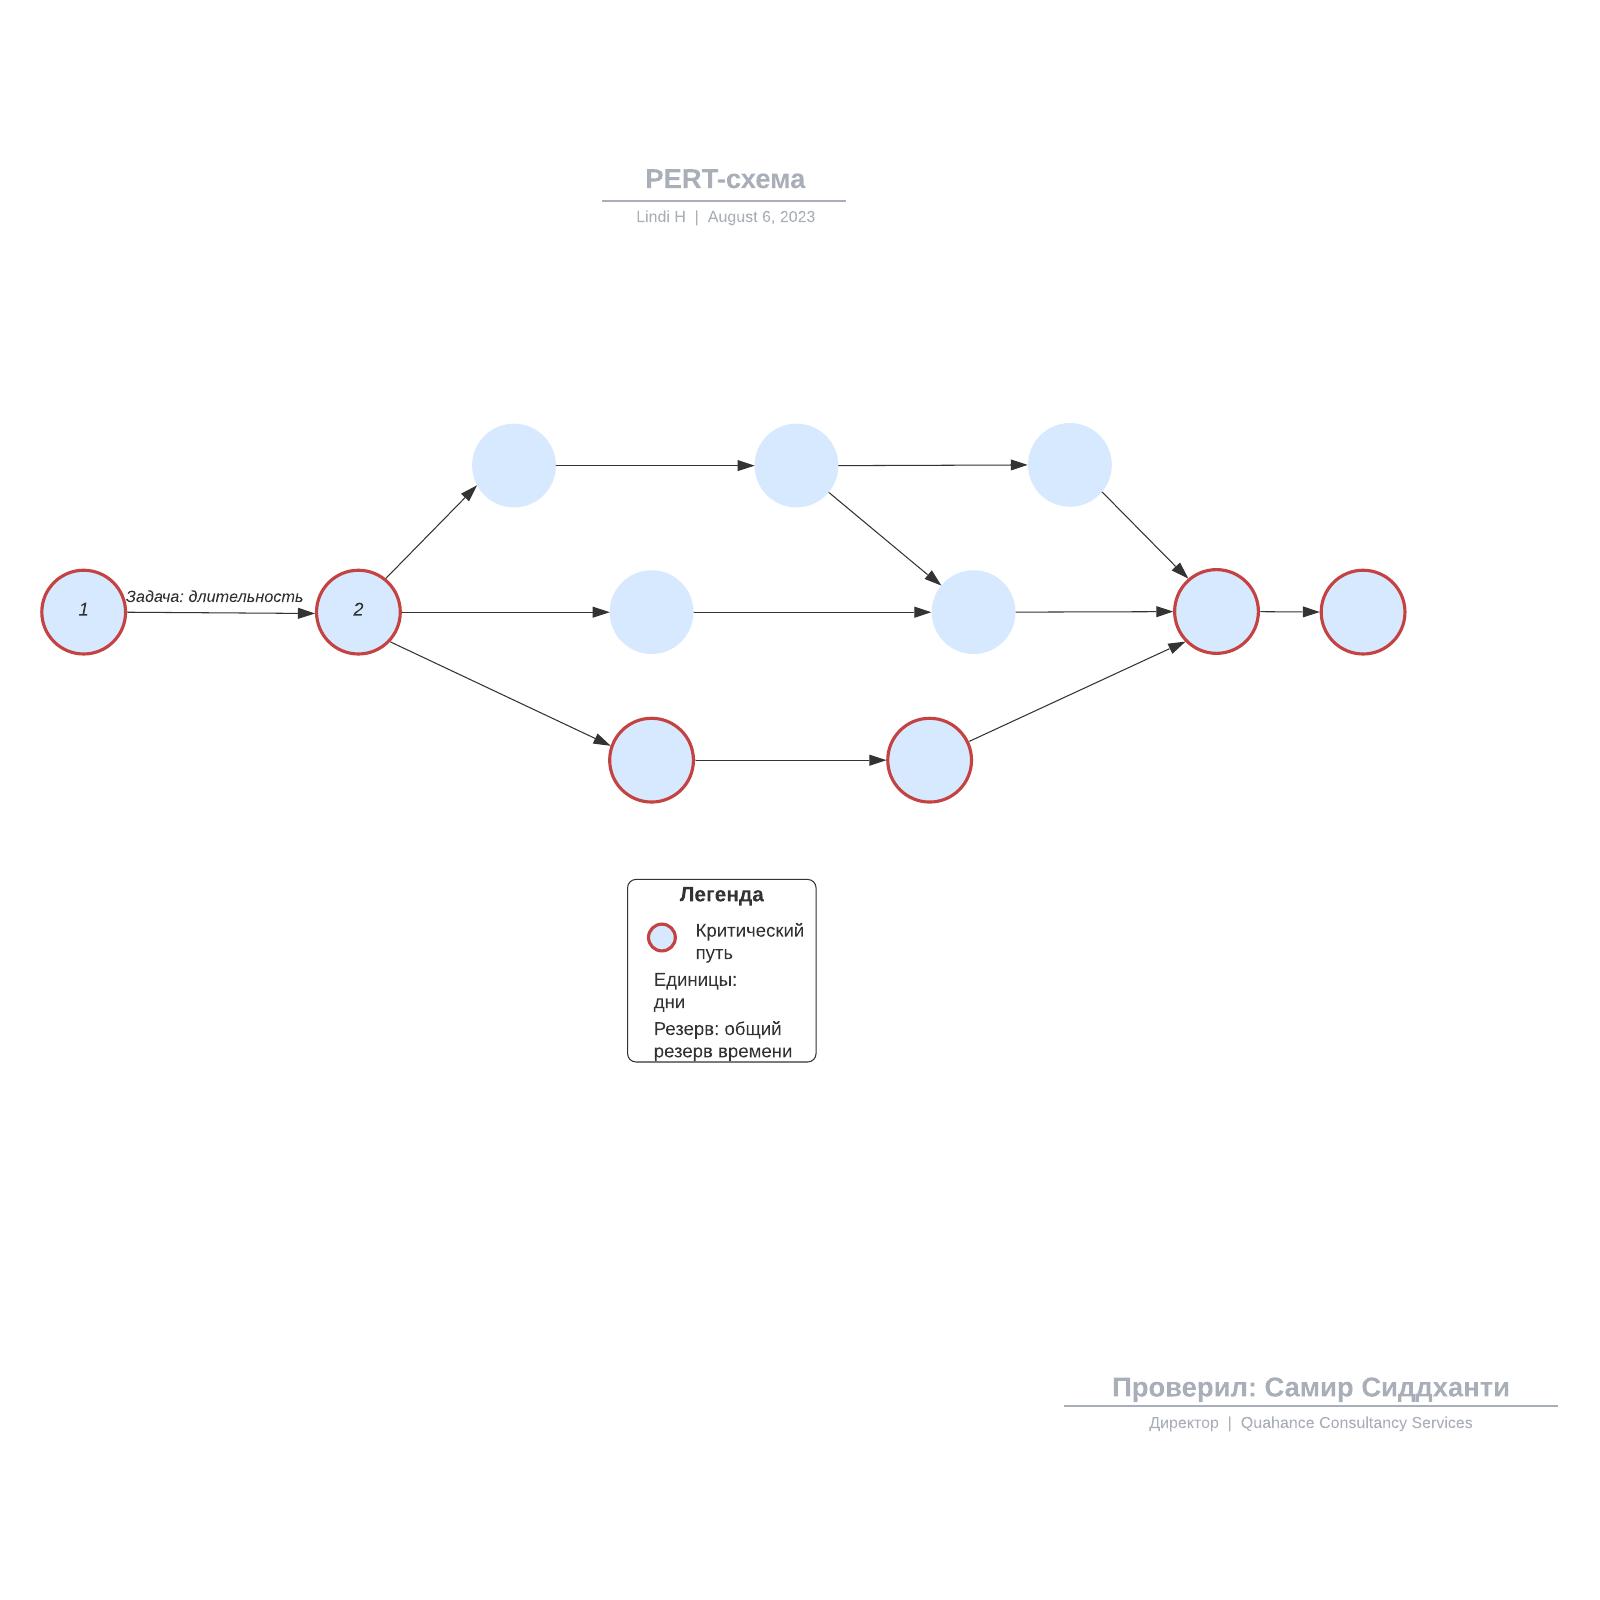 PERT-схема